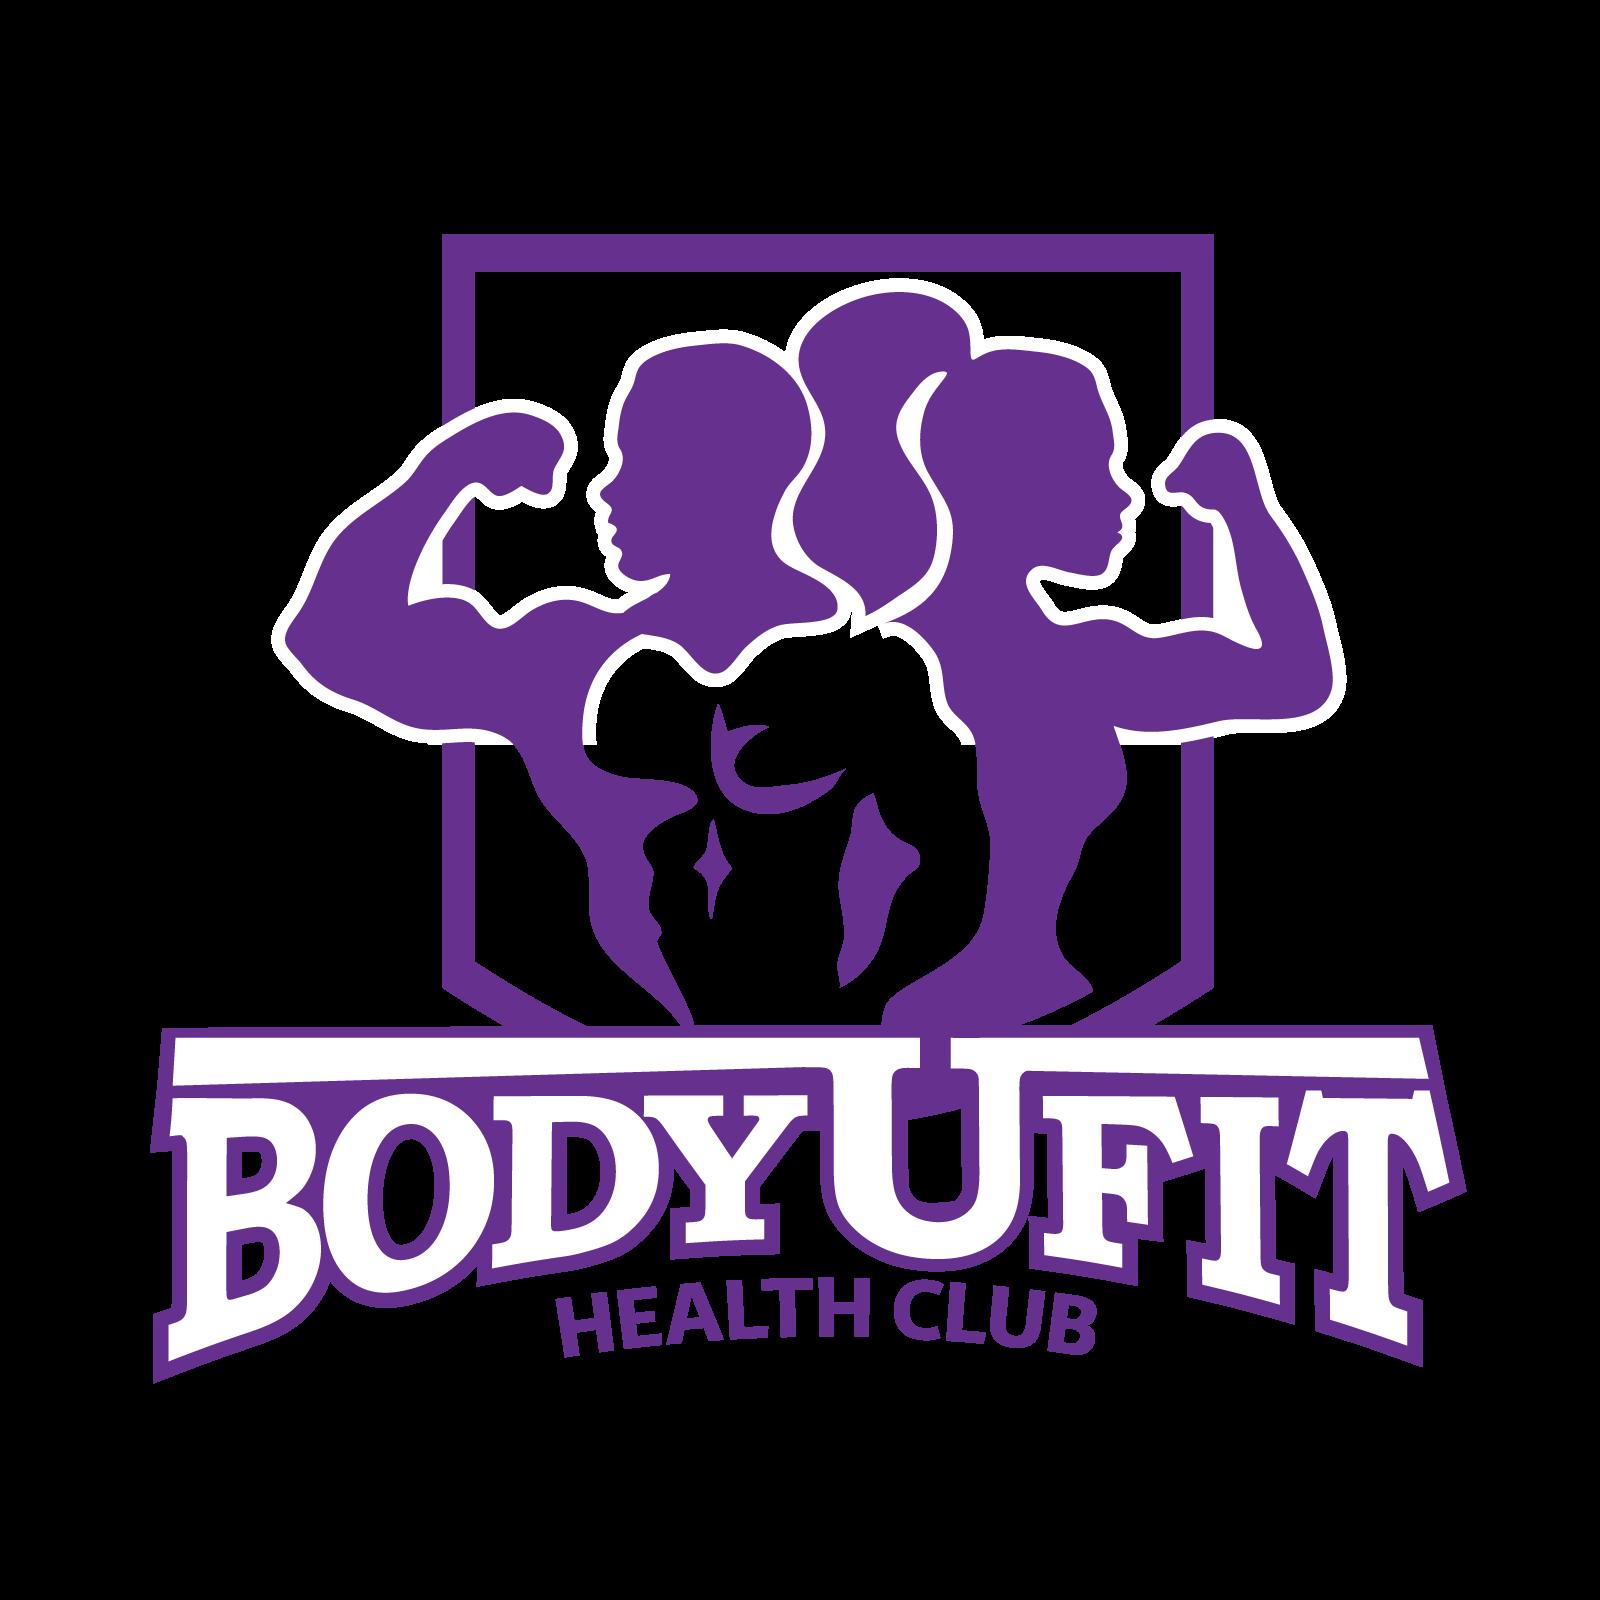 Body U Fit